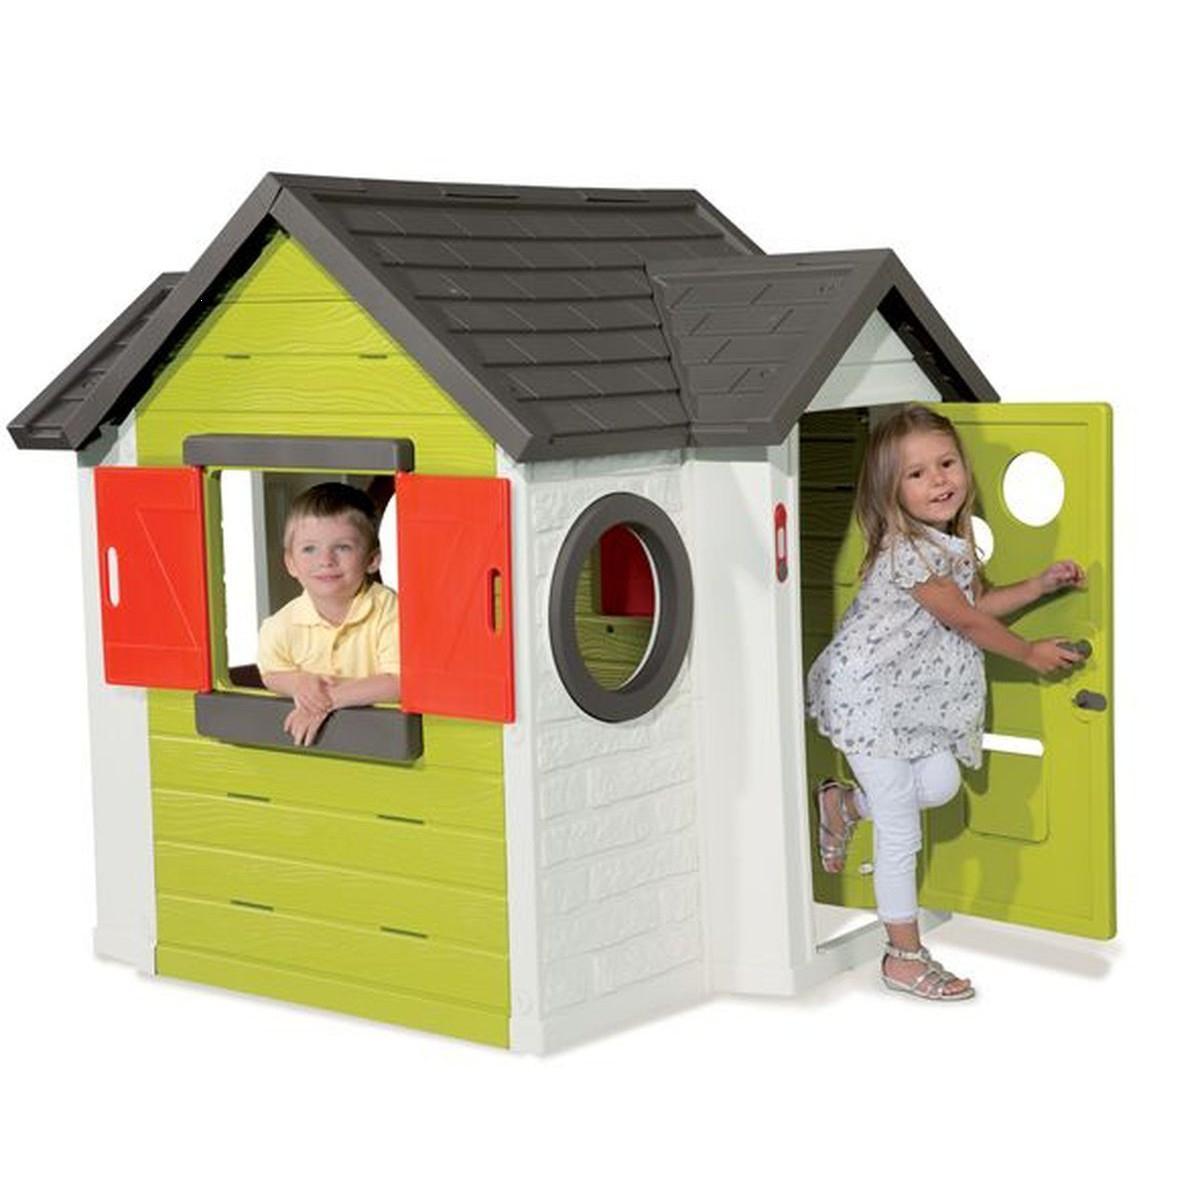 Cabane Enfant ⇒ Comparatif, Avis Et Meilleurs Modèles 2020 tout Maison De Jardin Enfant Pas Cher